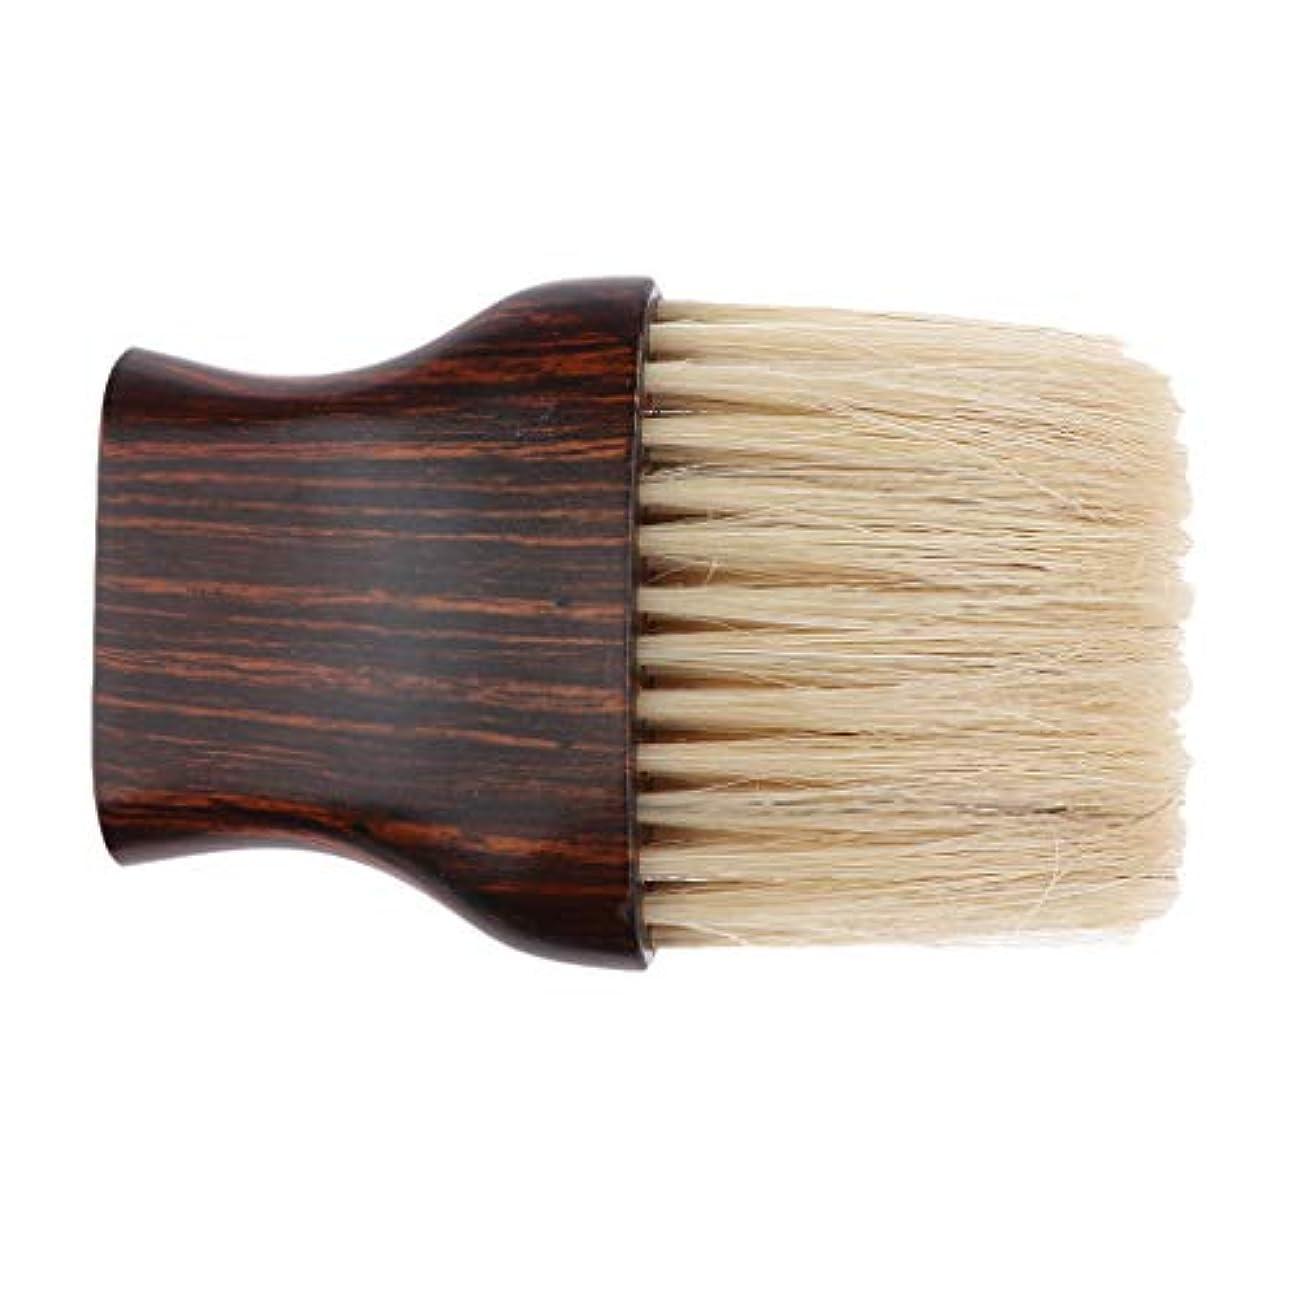 シビックアドバイス文明化するヘアブラシ 毛払いブラシ 木製ハンドル 散髪 髪切り 散髪用ツール 理髪店 美容院 ソフトブラシ